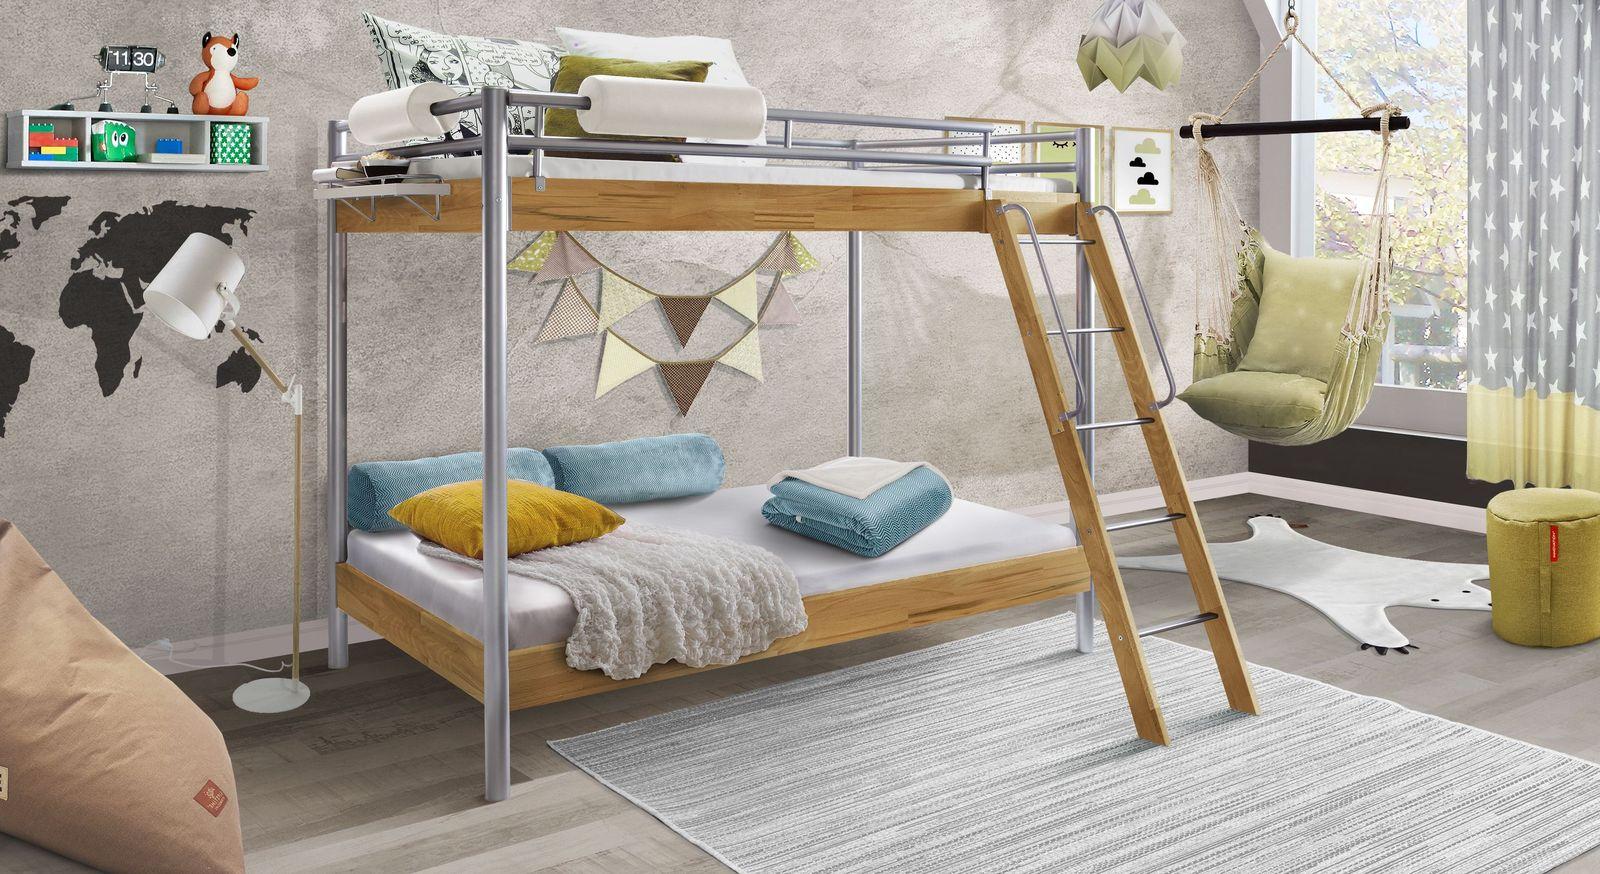 Etagenbett Metall : Stockbett aus metall und kernbuche in zwei breiten steven